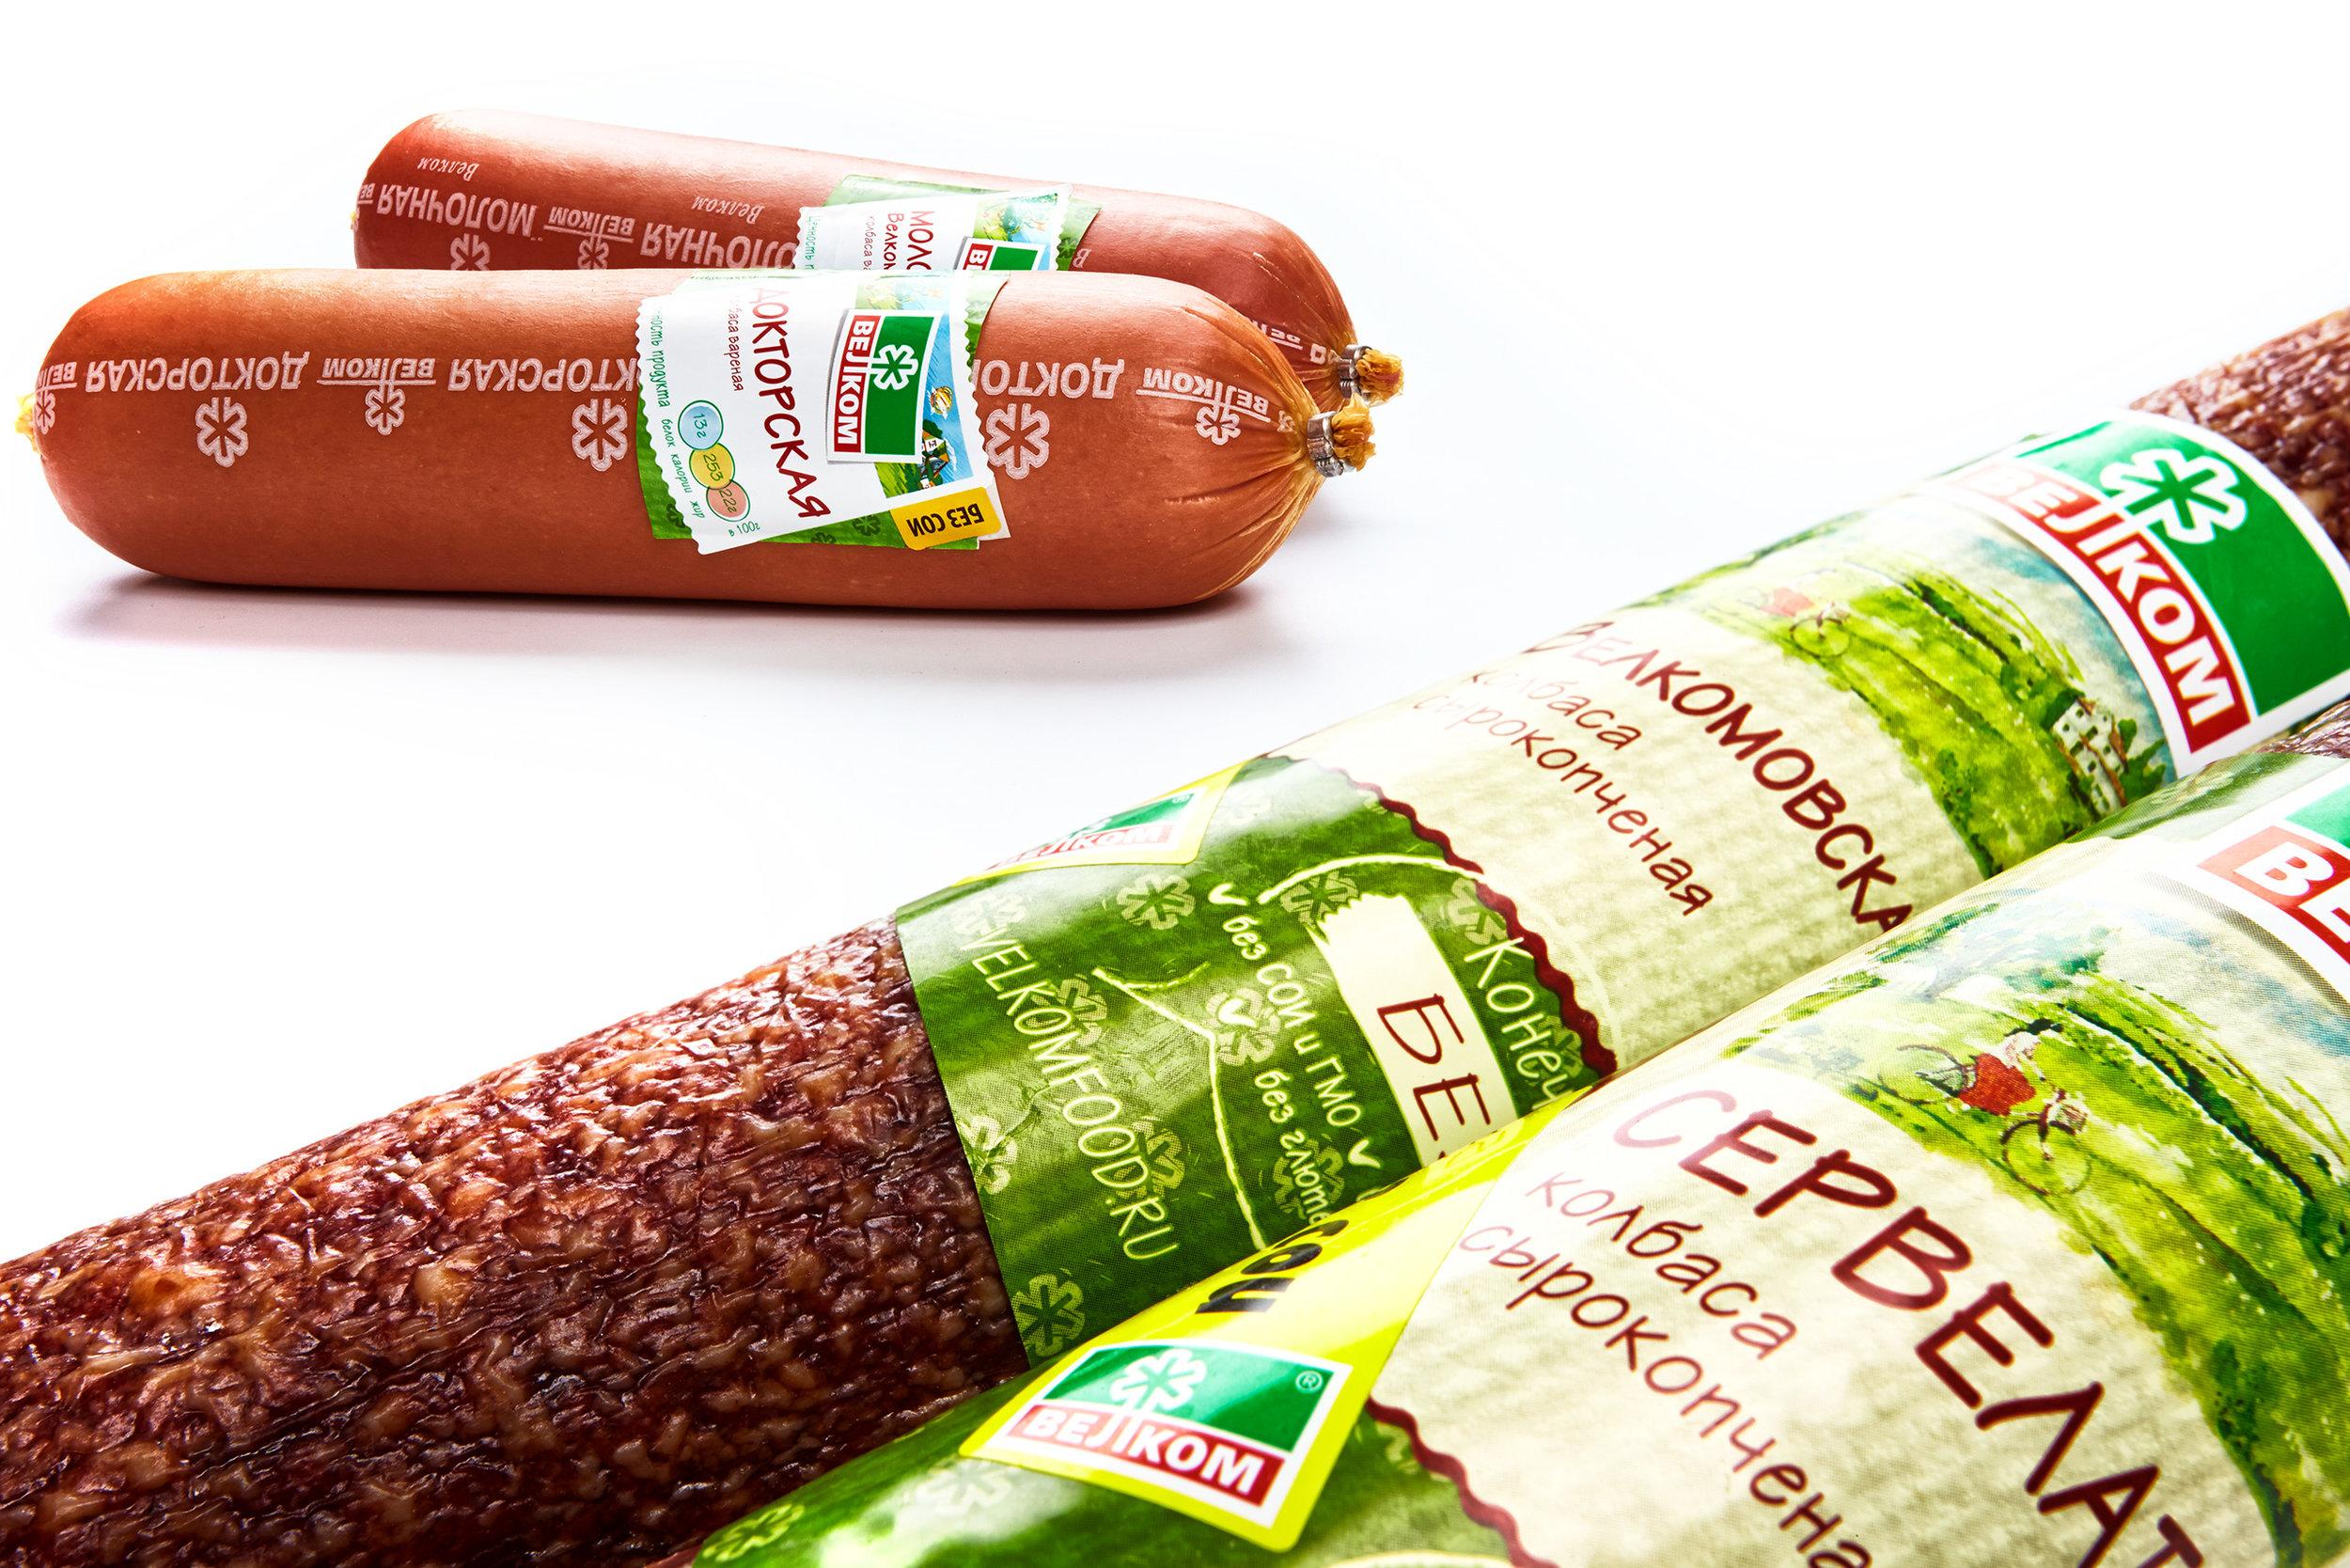 Брендинговое агентство  BQB  обновило дизайн этикеток колбасных изделий мясокомбината ВЕЛКОМ: вареных, варено- и сырокопченых колбас, сосисок, сарделек и деликатесов.